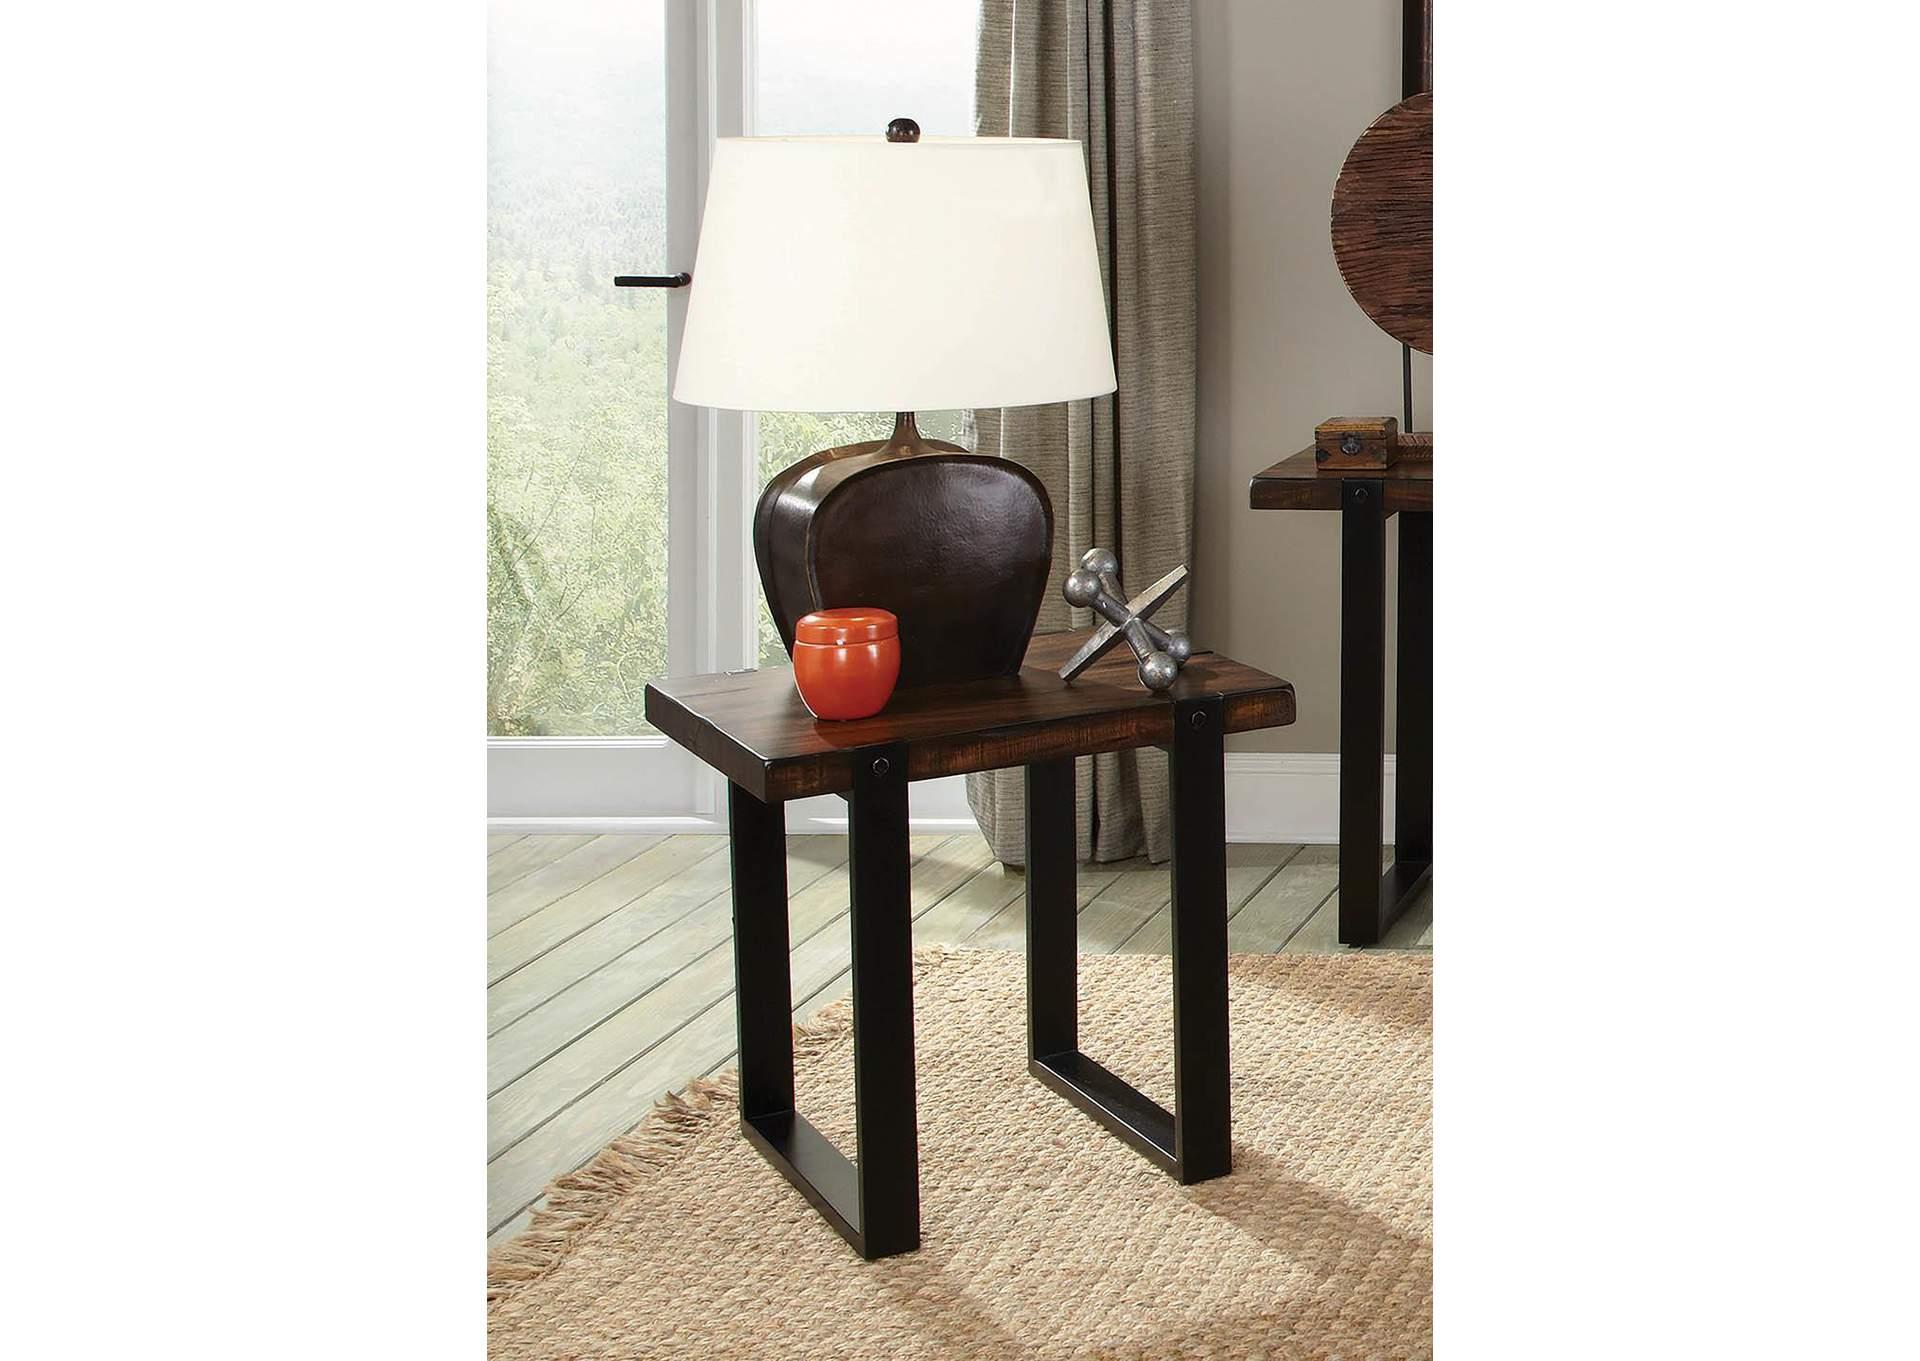 Harlem Furniture Brown Black End Table